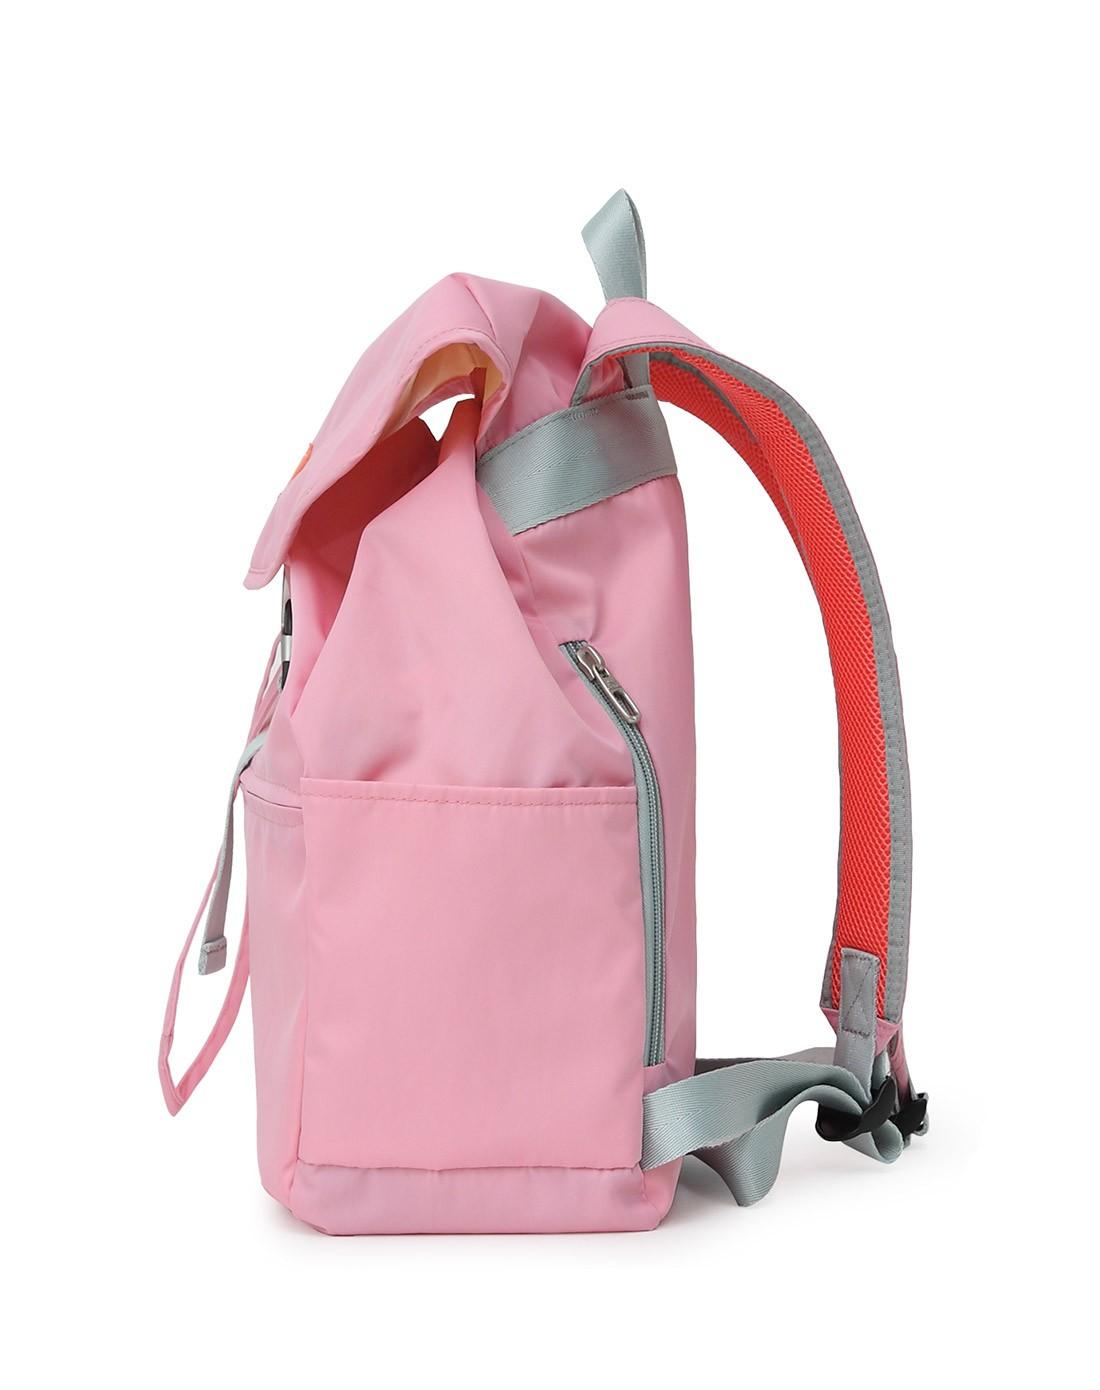 2015新款女款粉红色翻盖水桶双肩包